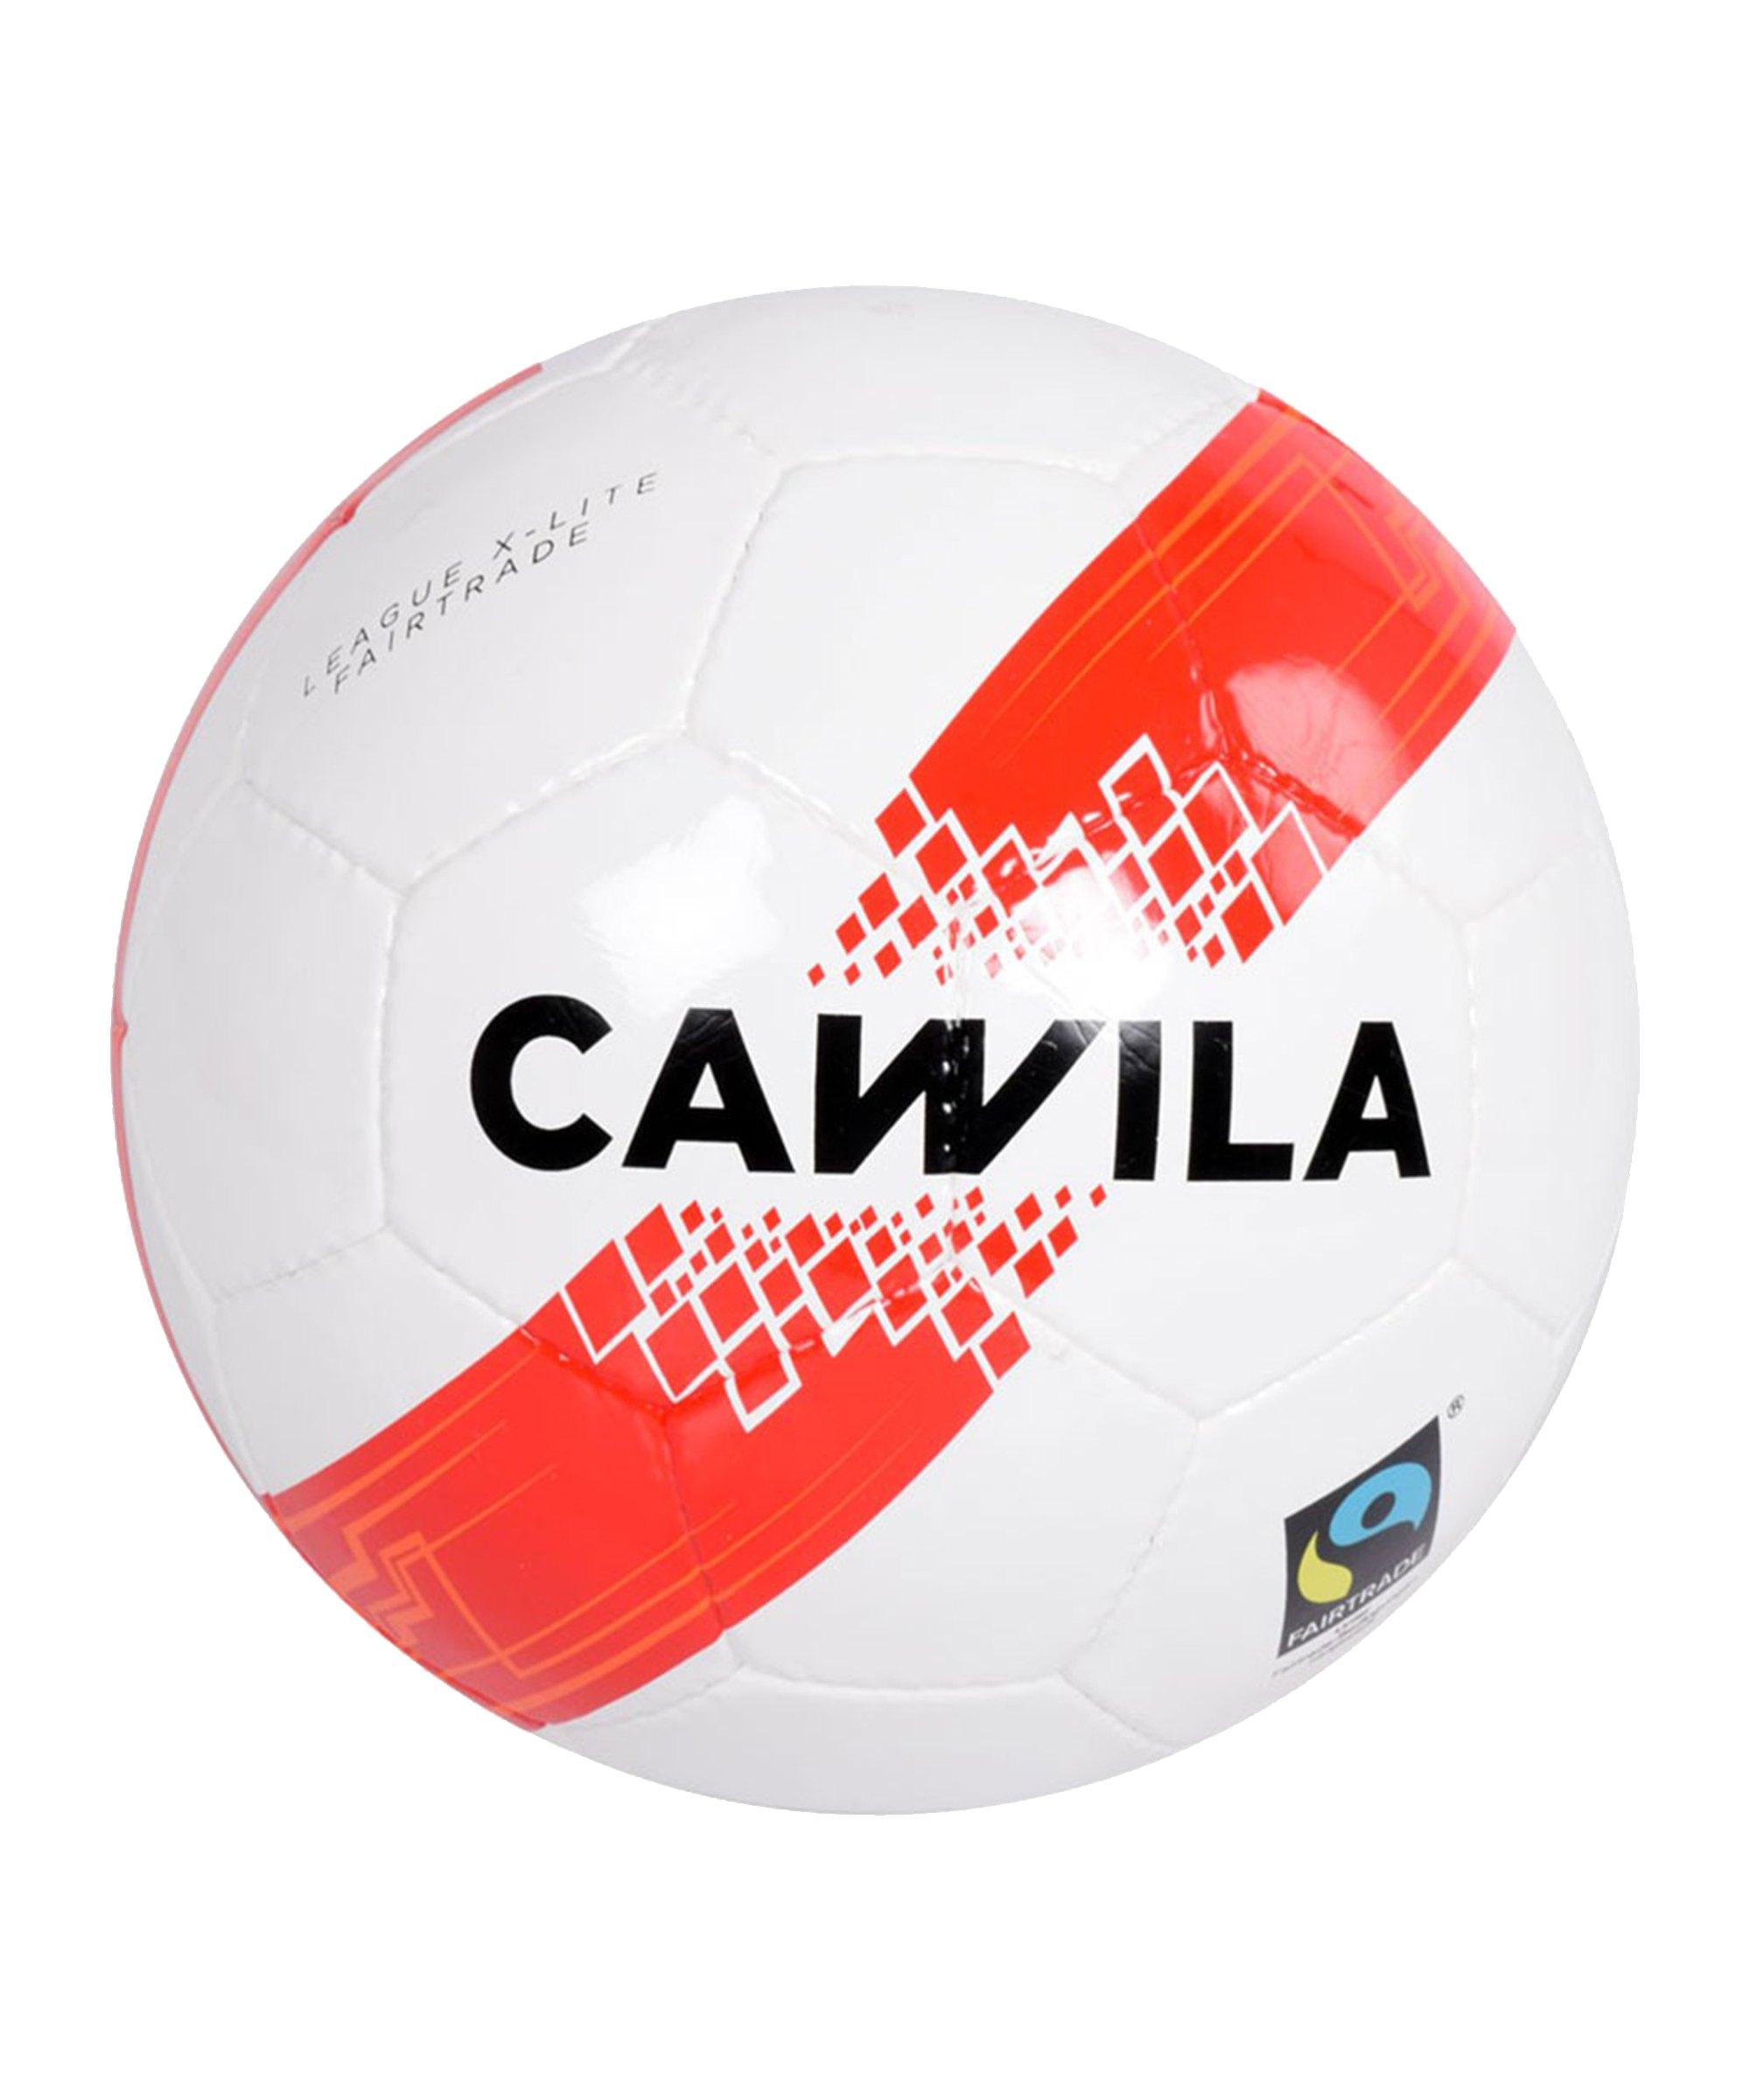 Cawila Fussball ARENA X-LITE 290 Fairtrade 5 Weiss - weiss